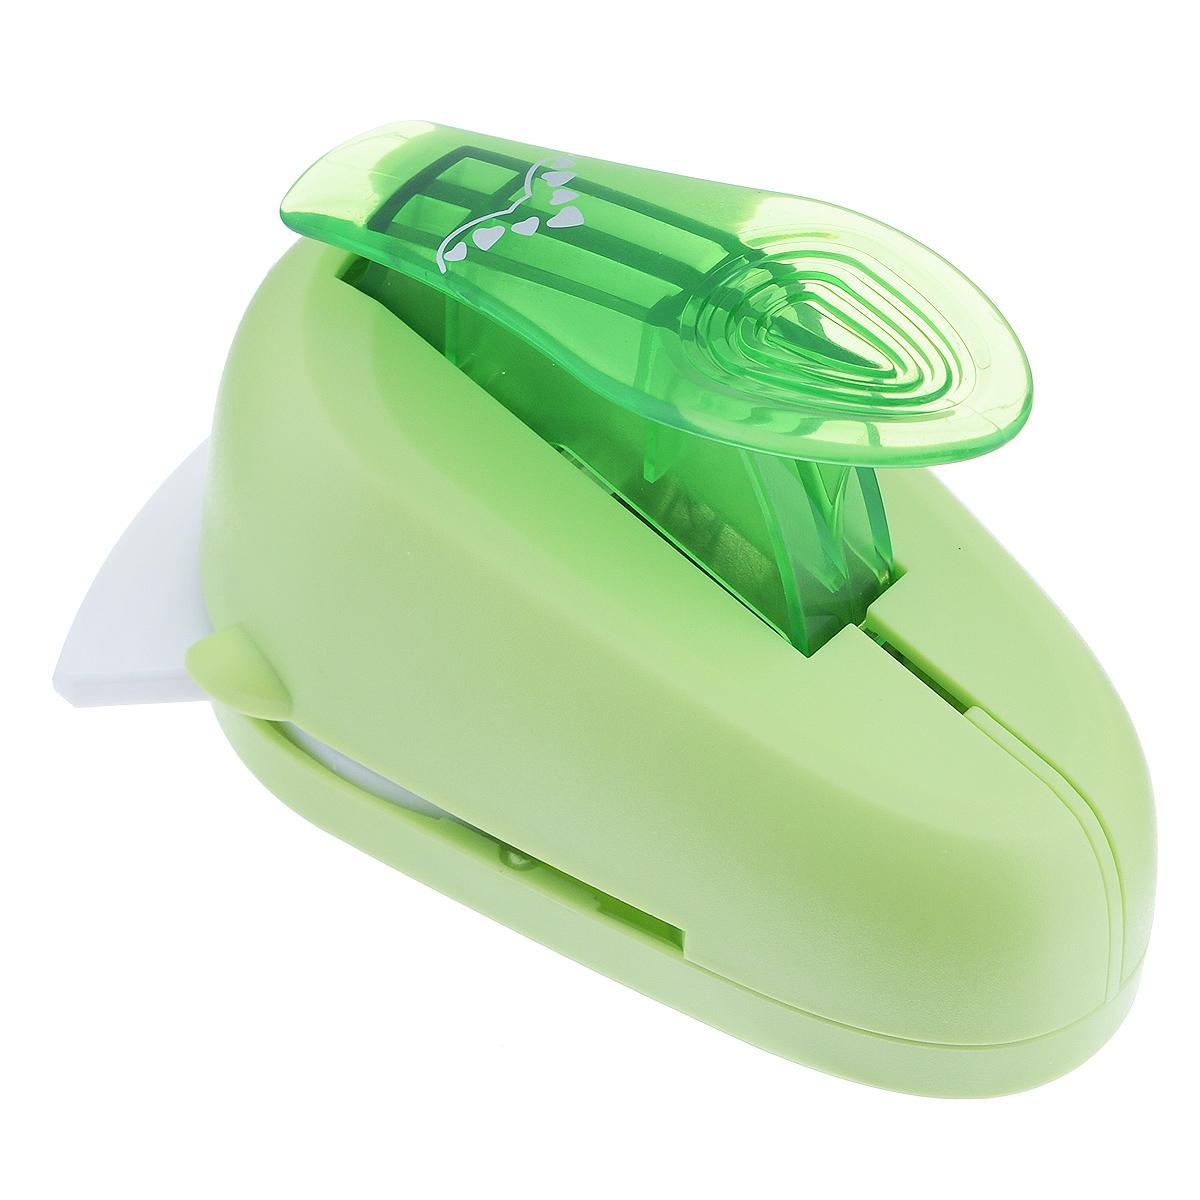 Дырокол фигурный Астра Семь сердец, угловой. CD-99MC7709610_57Дырокол Астра Семь сердец поможет вам легко, просто и аккуратно вырезать много одинаковых мелких фигурок. Режущие части компостера закрыты пластмассовым корпусом, что обеспечивает безопасность для детей. Вырезанные фигурки накапливаются в специальном резервуаре. Можно использовать вырезанные мотивы как конфетти или для наклеивания.Угловой дырокол подходит для разных техник: декупажа, скрапбукинга, декорирования.Размер дырокола: 10 см х 7 см х 7 см. Размер готовой фигурки: 2,5 см х 1,5 см.